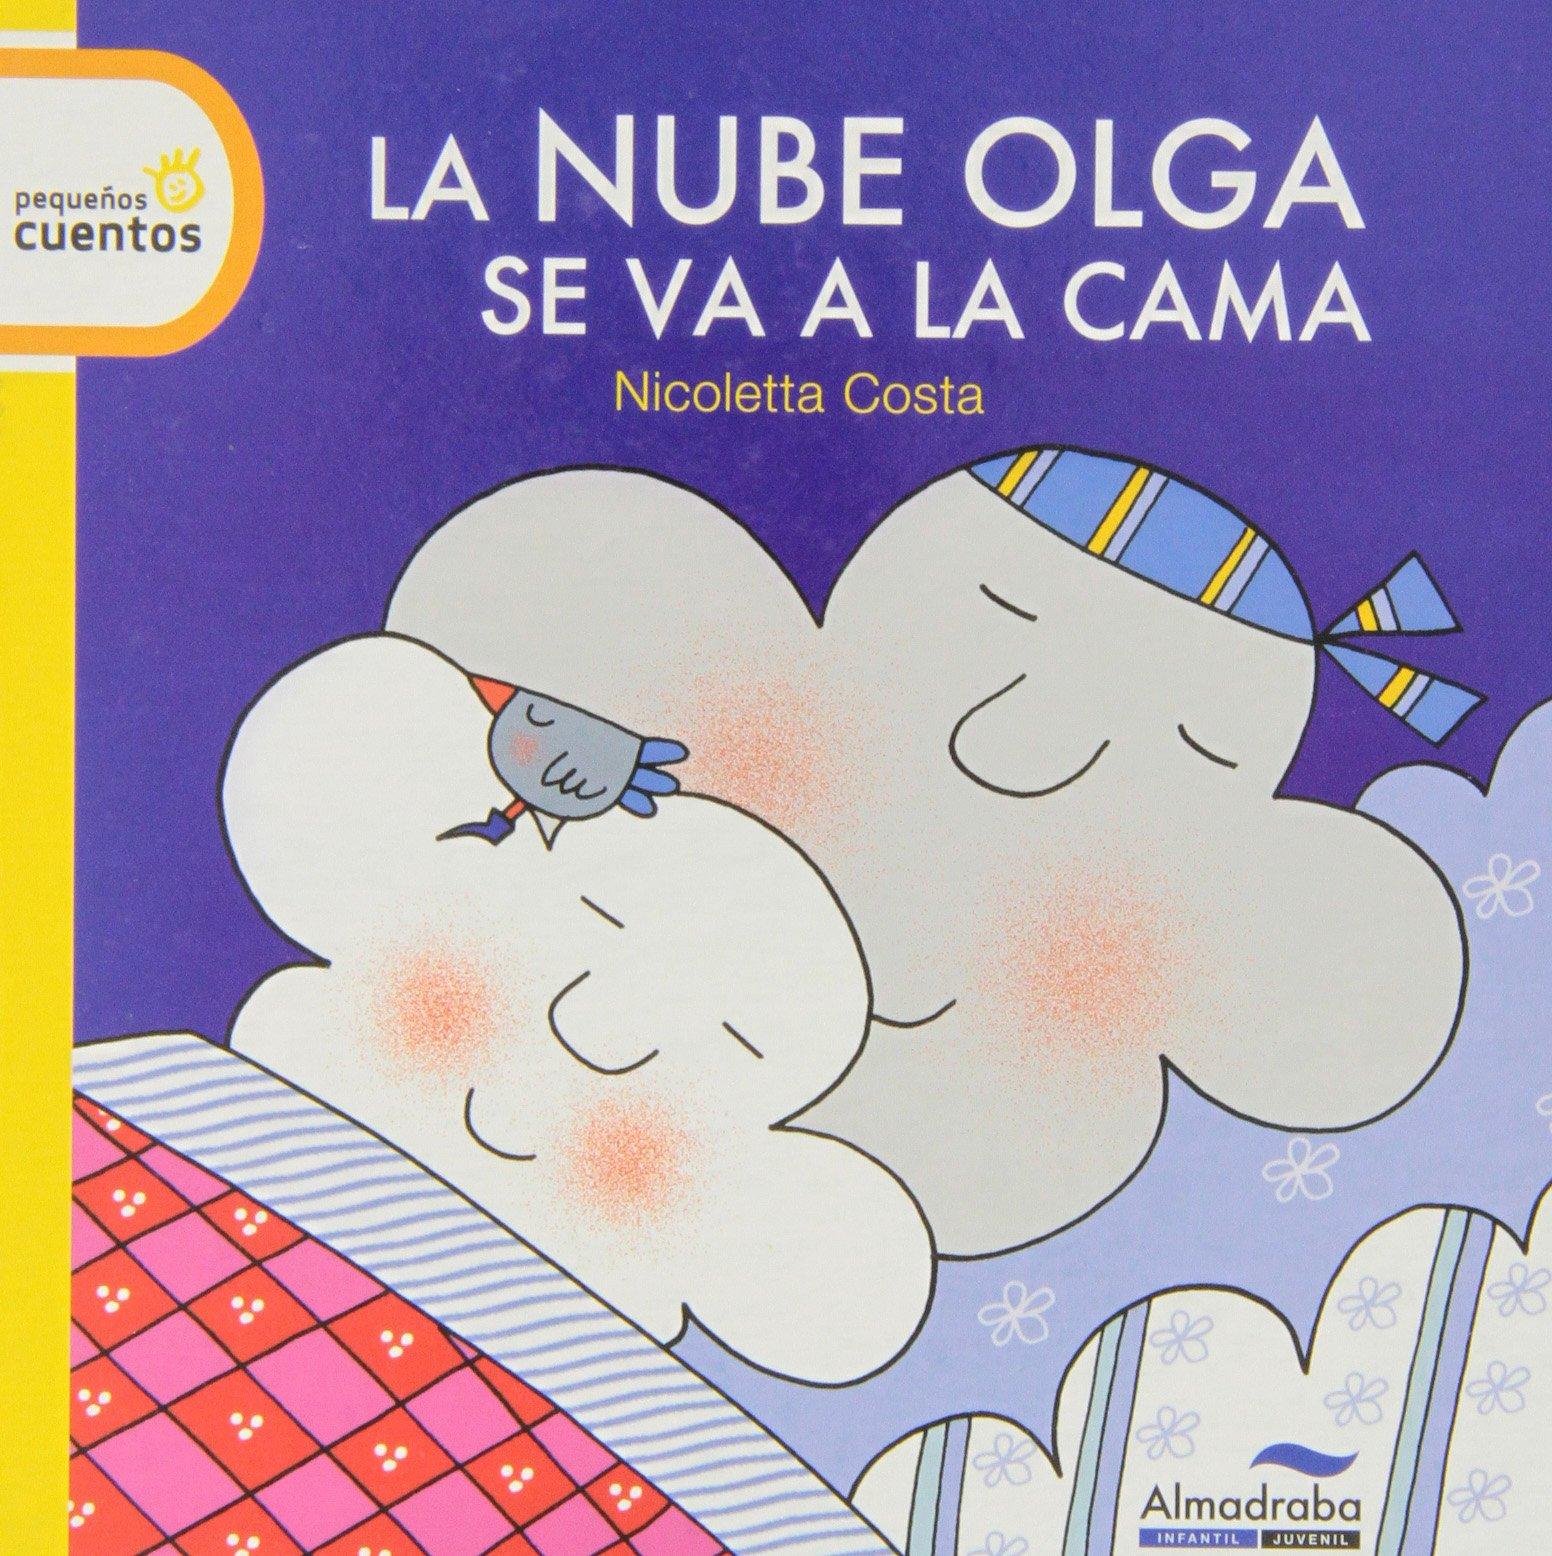 Nube Olga se va a la cama, La (pequeños cuentos) - lp: Amazon.es: Costa, Nicoletta, Costa, Nicoletta, Editora General, Hermes: Libros